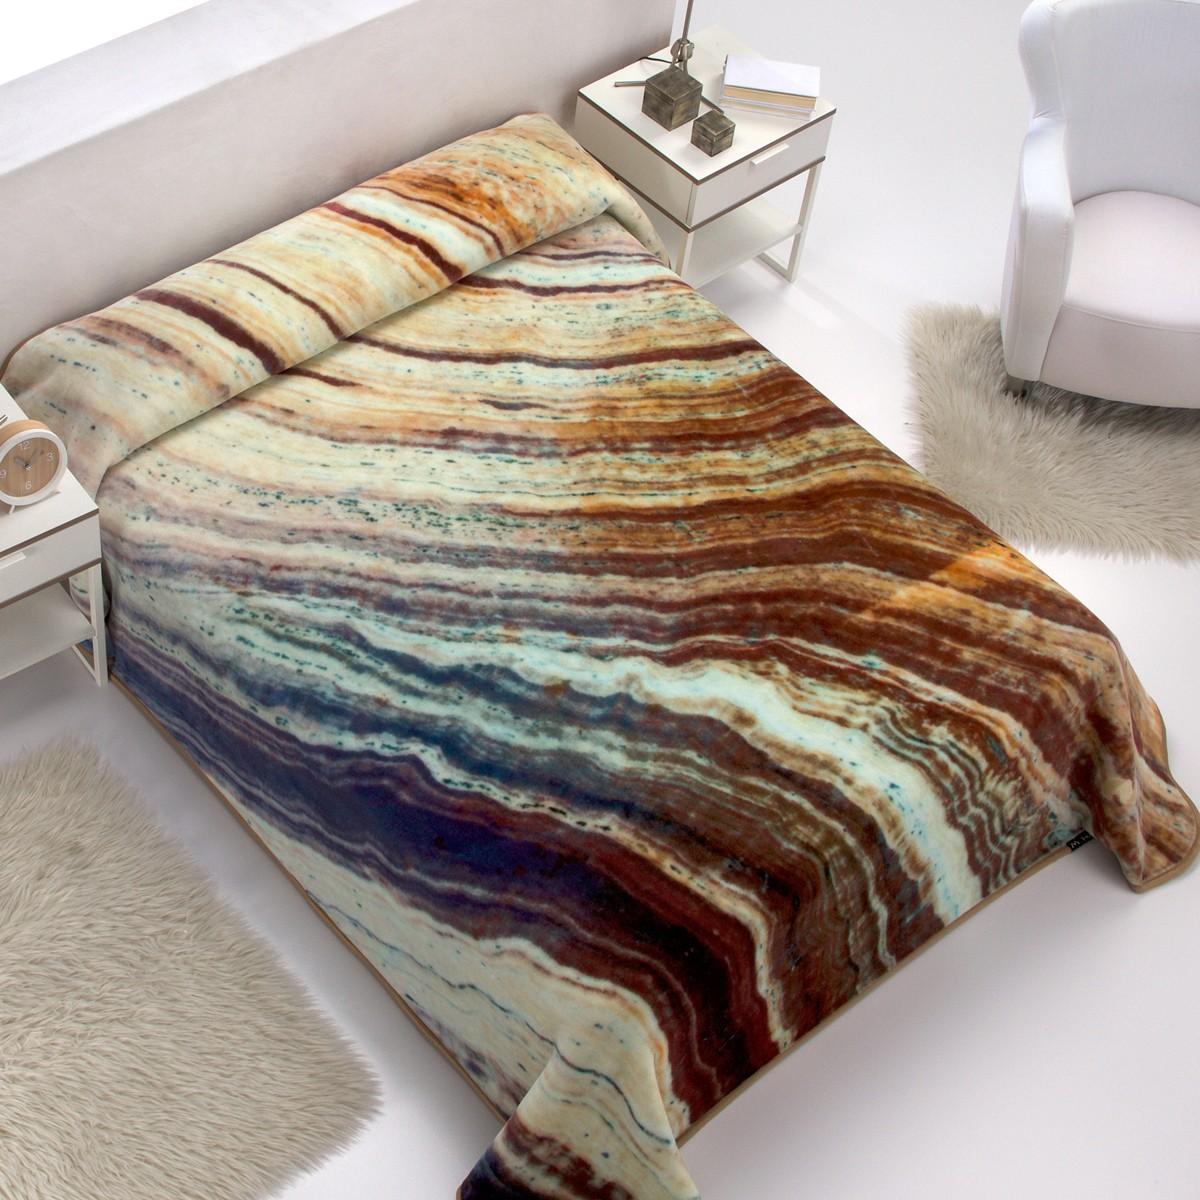 Κουβέρτα Βελουτέ Υπέρδιπλη Morven Marble E02 Beige home   κρεβατοκάμαρα   κουβέρτες   κουβέρτες βελουτέ υπέρδιπλες